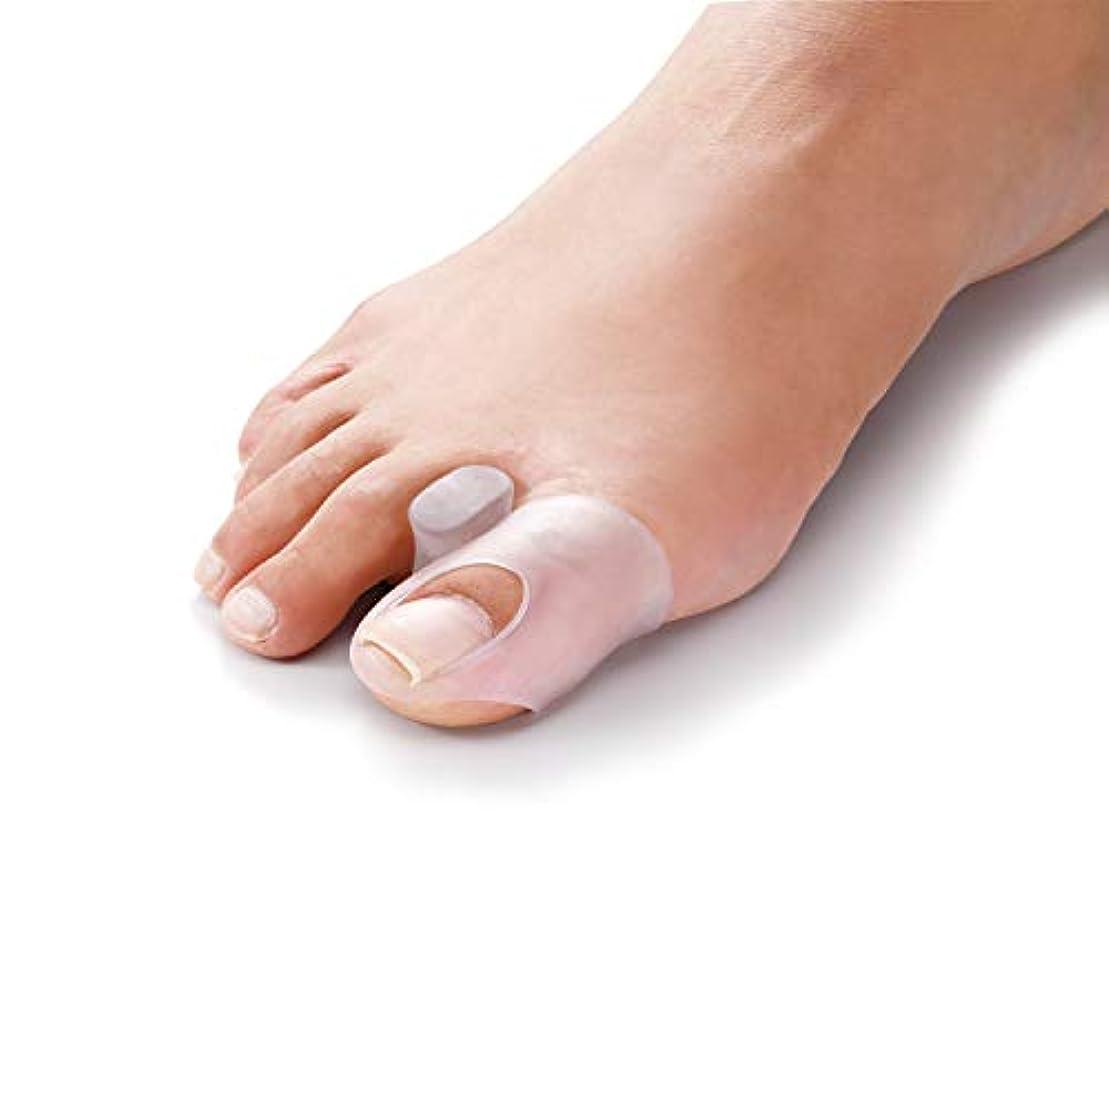 ボルト五韓国やわらゲル 外反巻き爪ゲルサック 巻き爪 外反母趾 変型爪